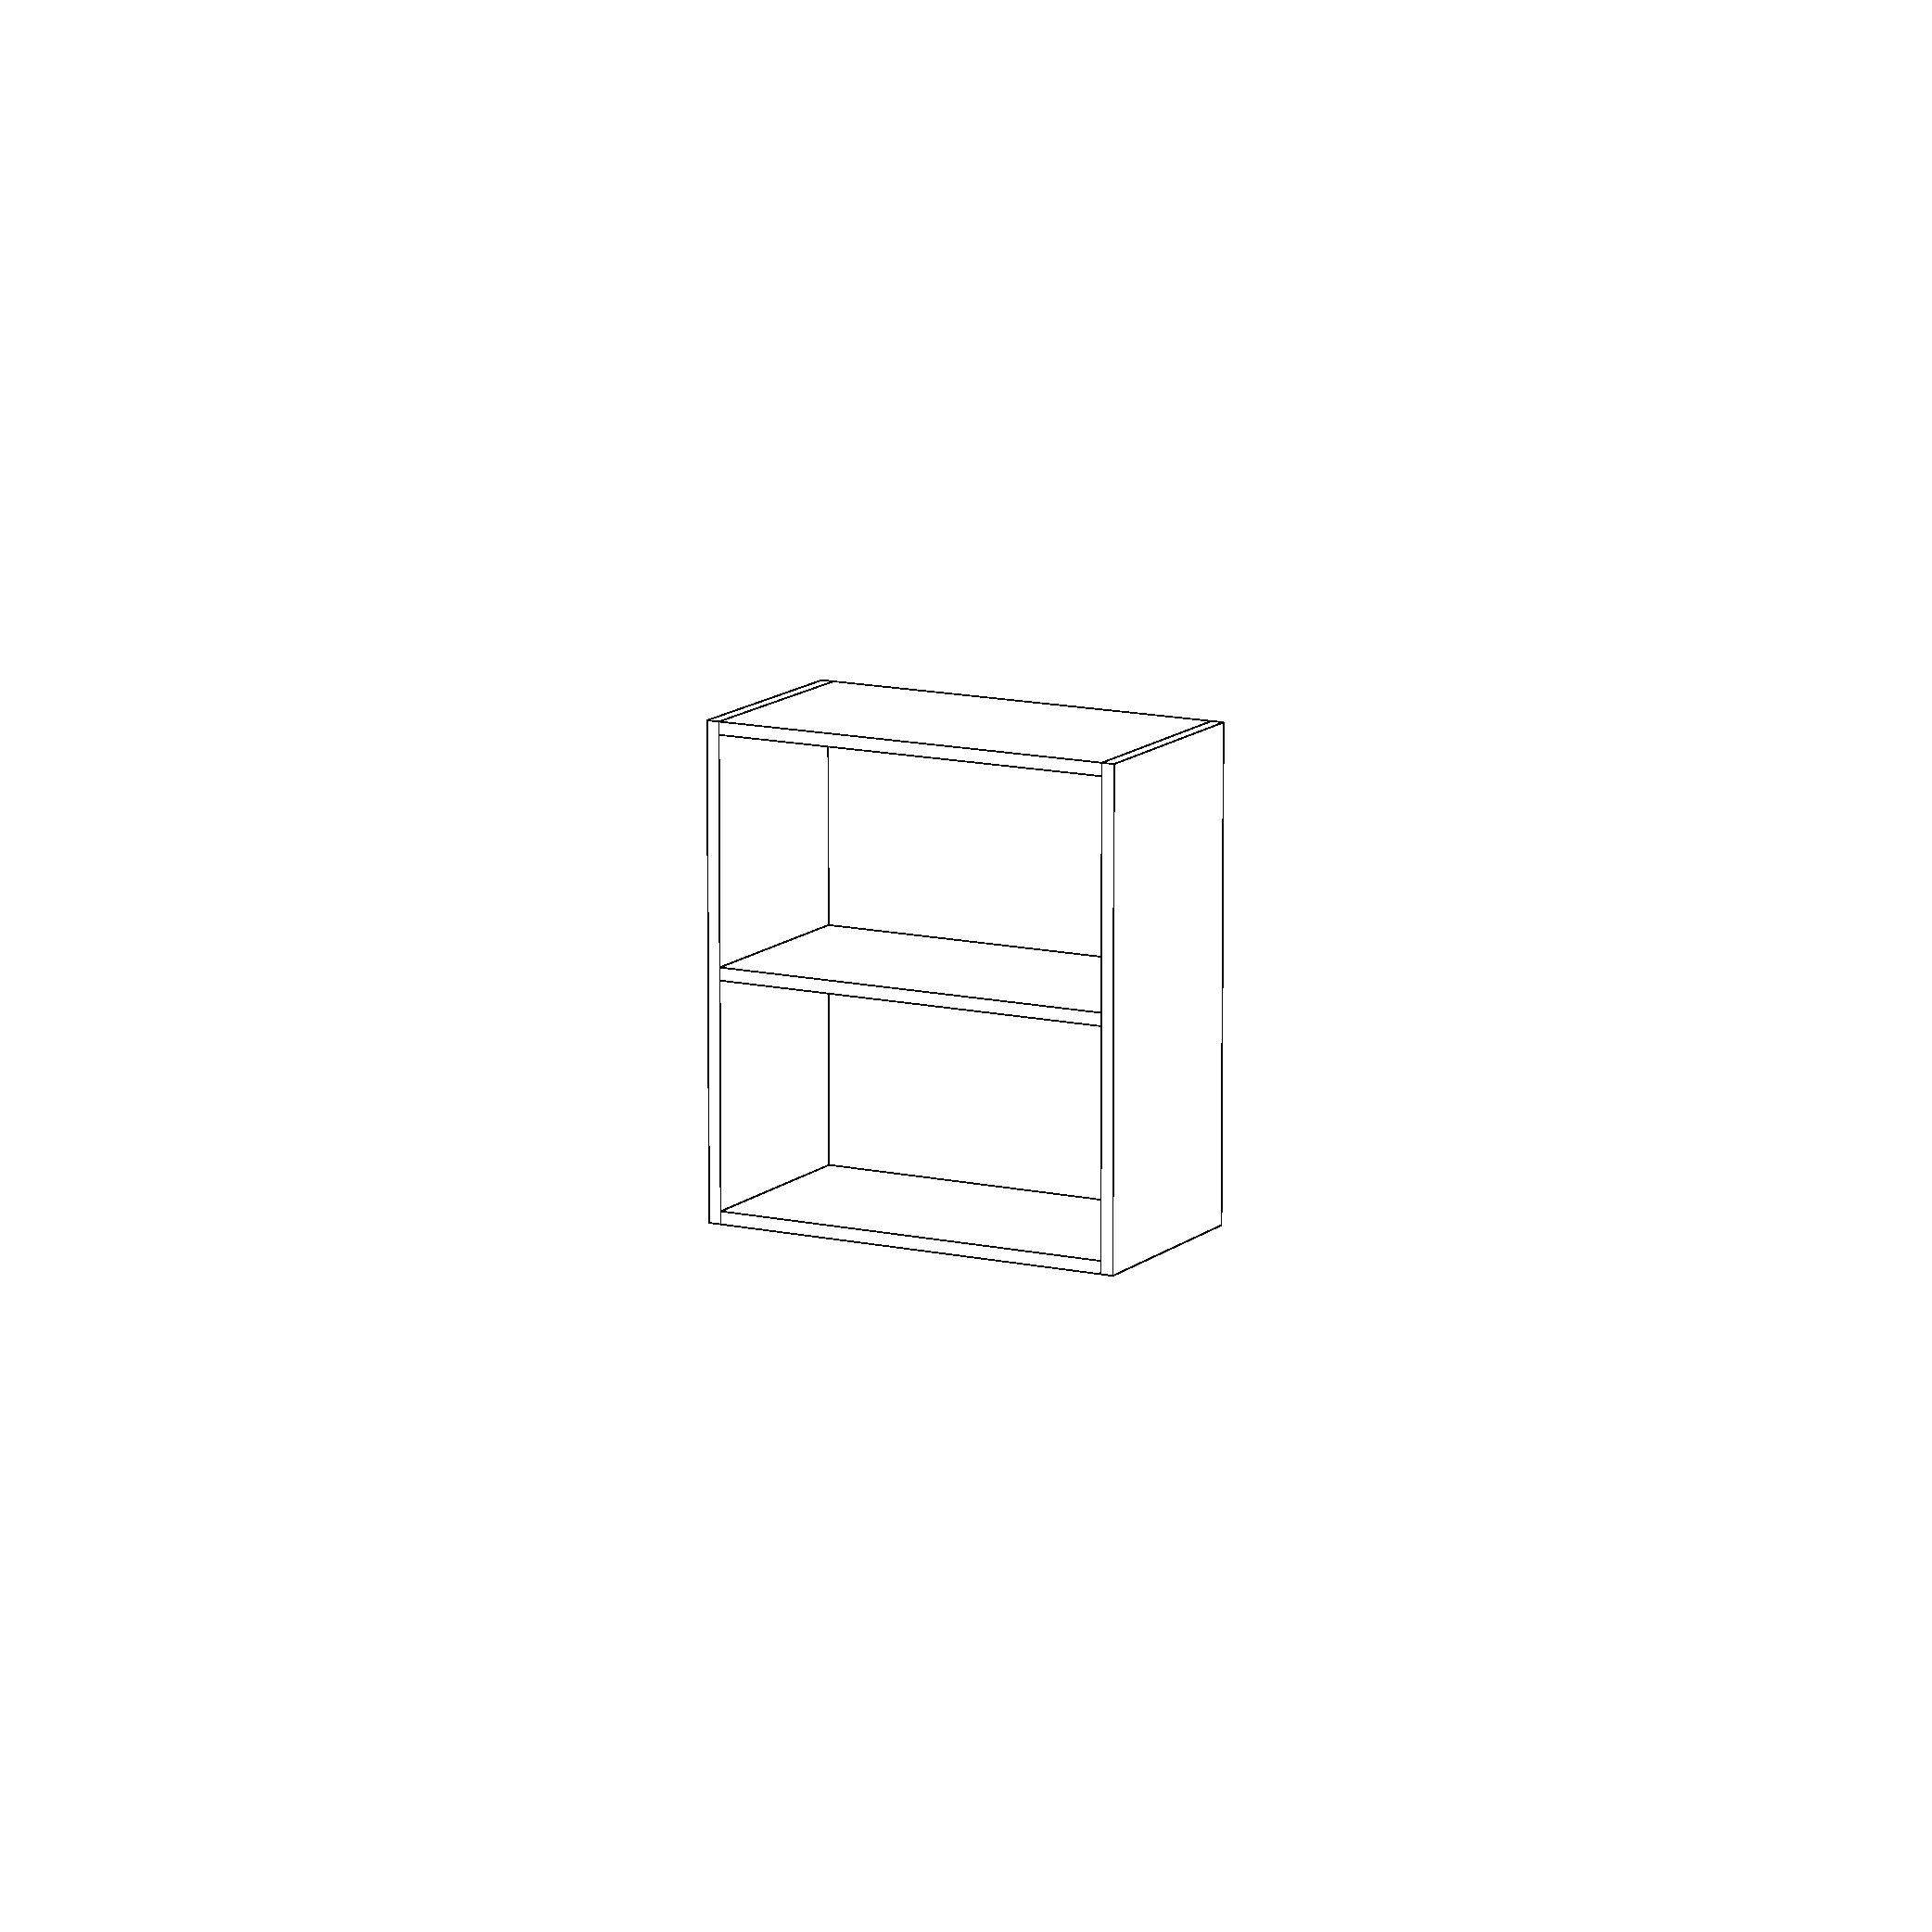 BOOK 2/6